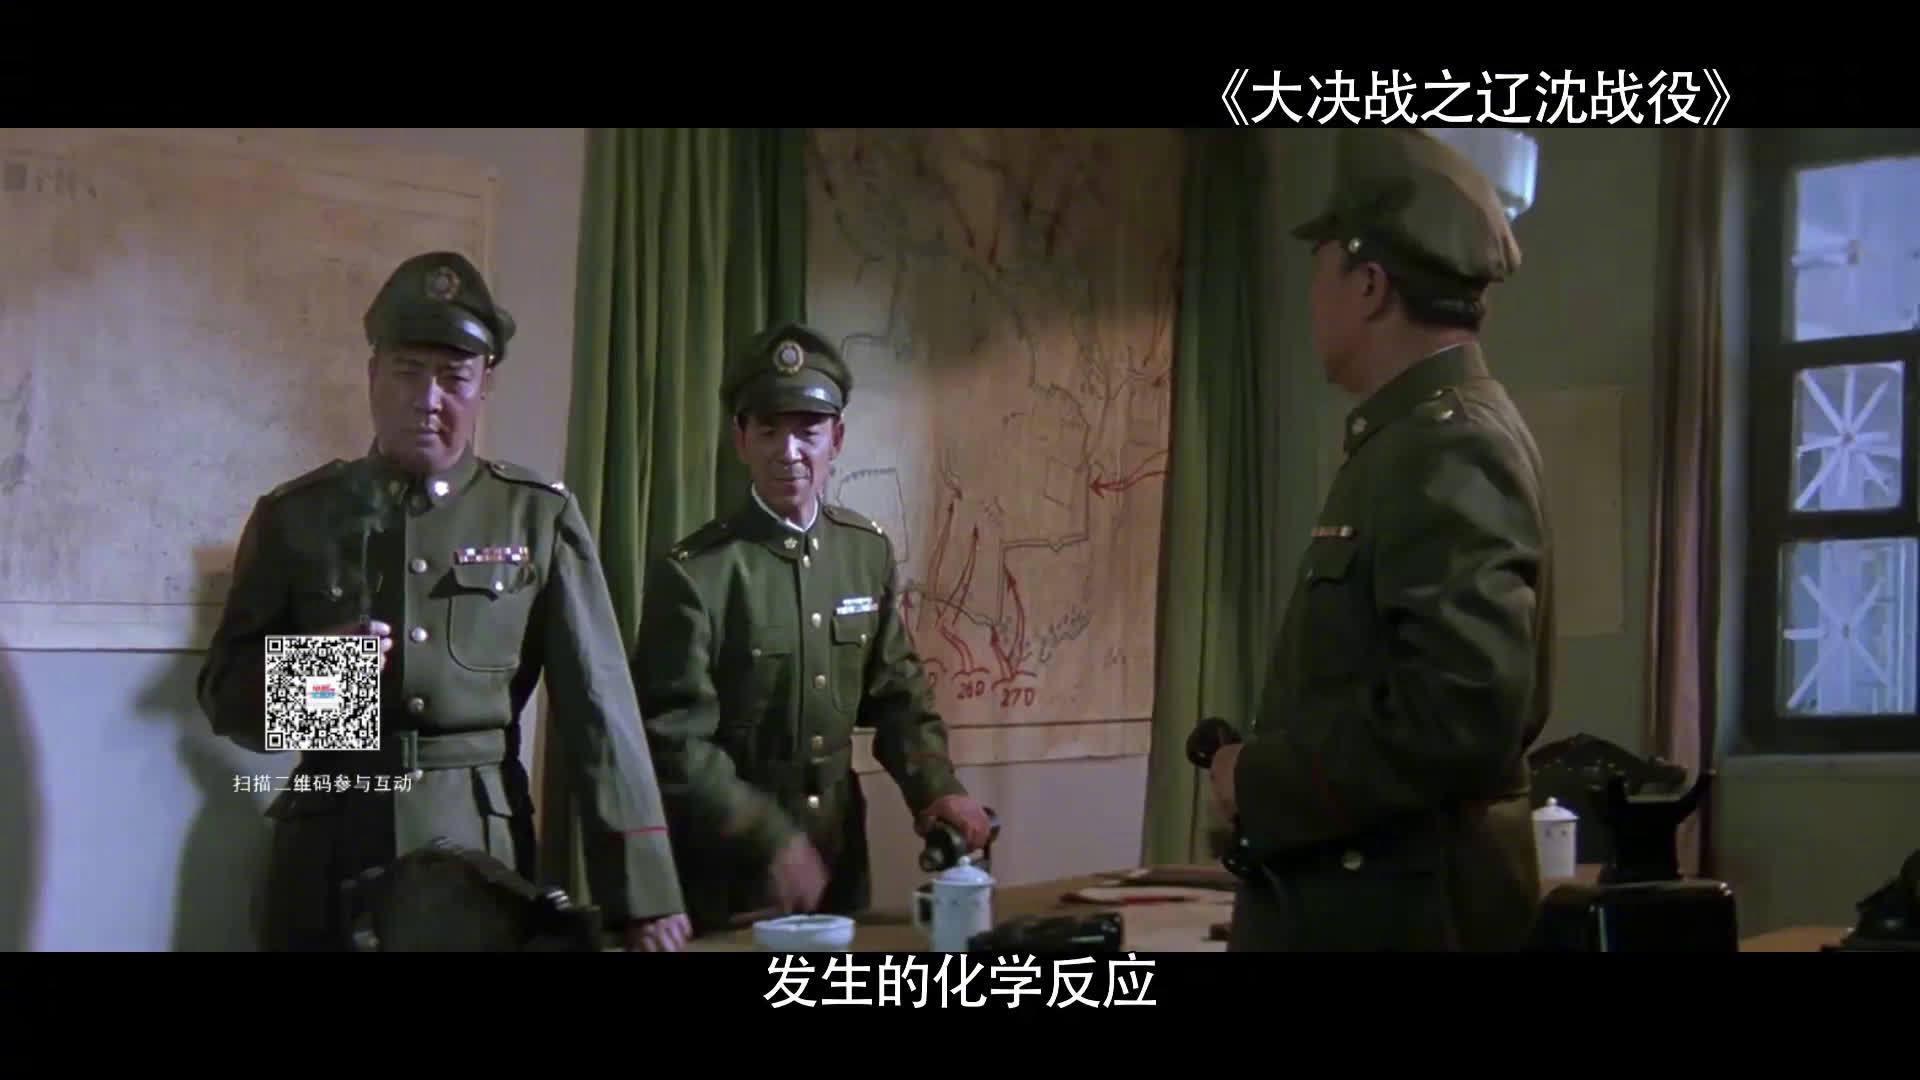 《大决战》三部曲,无疑是中国电影史上最为恢弘的战争史诗……